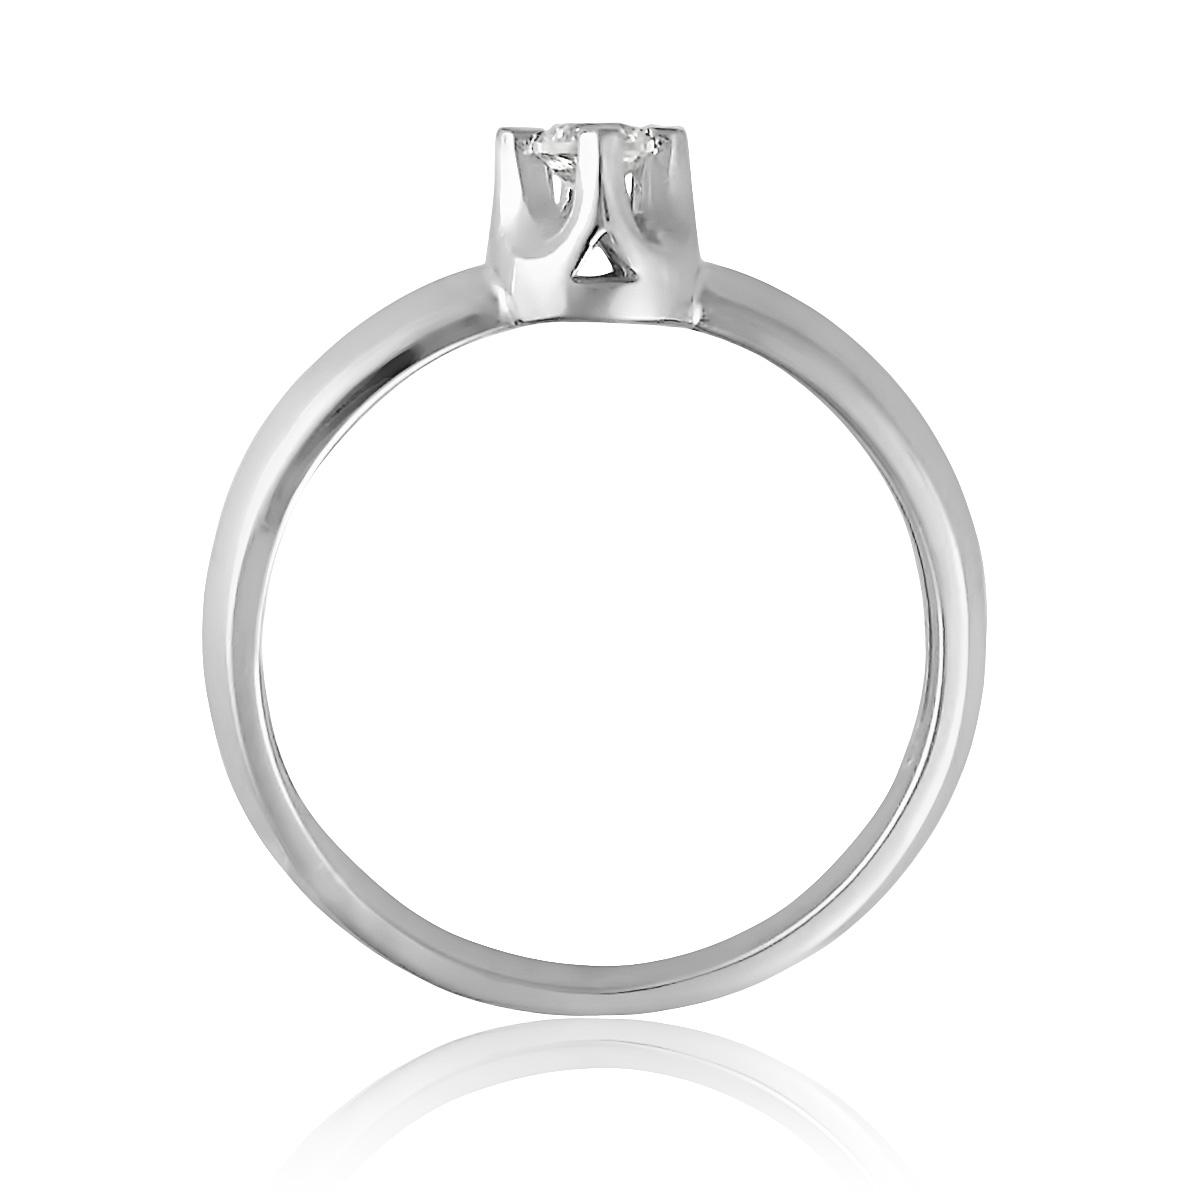 Золотое кольцо для помолвки c бриллиантом 0.06 Ct «Софи»